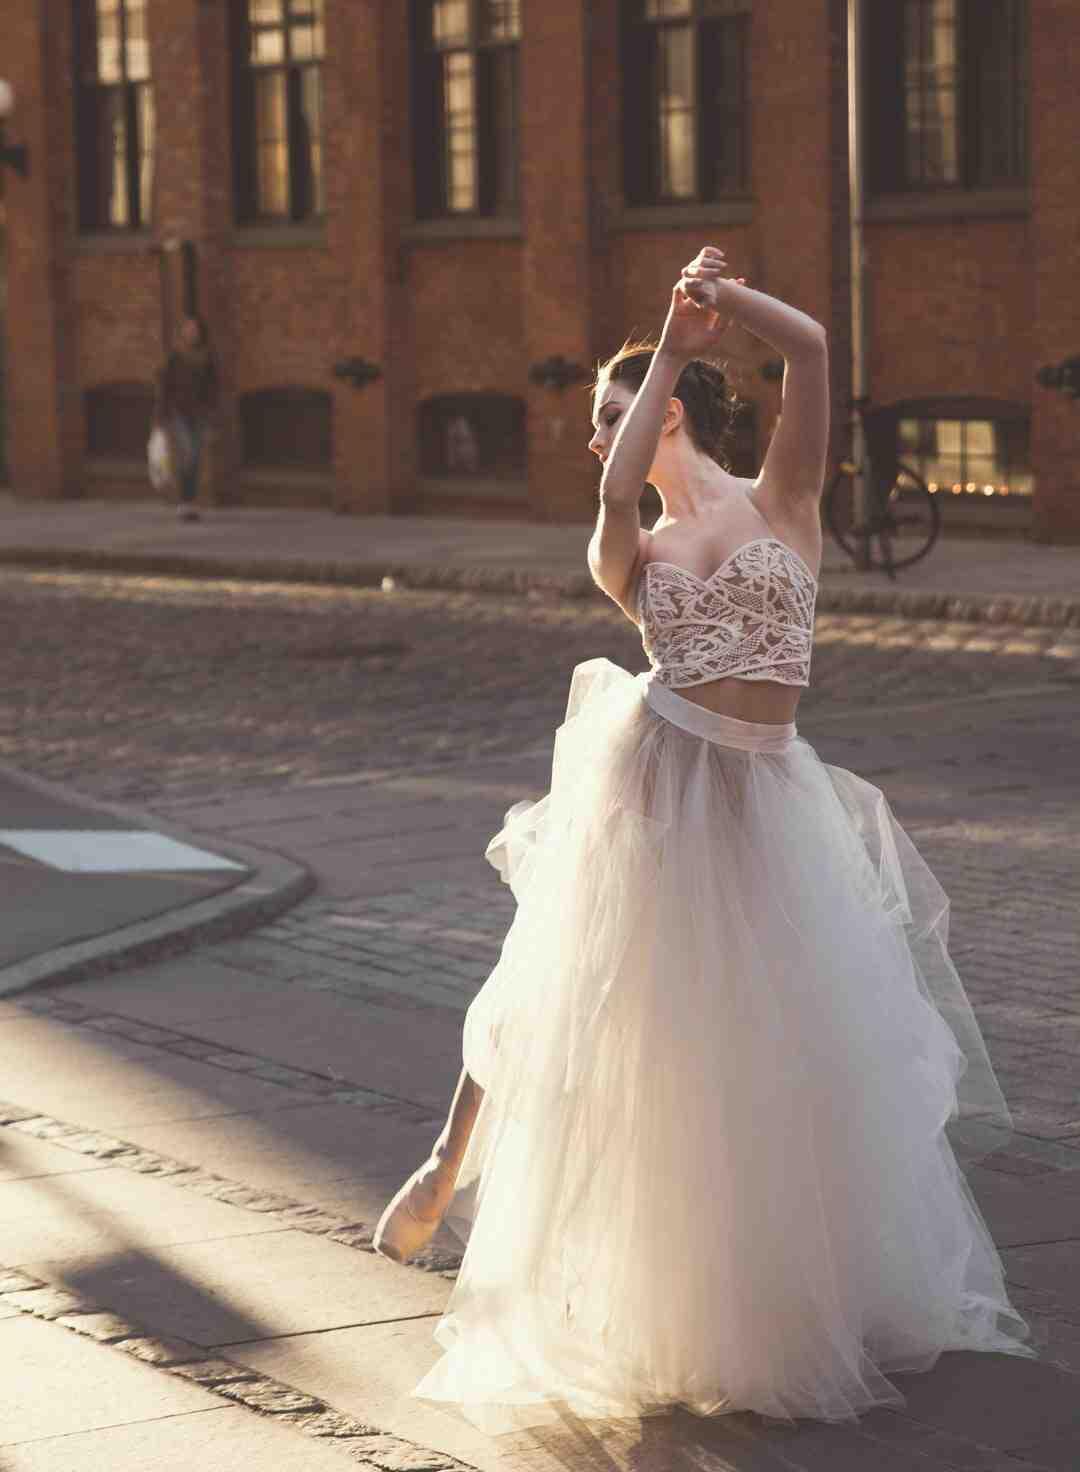 Danse : Guaracha Comment apprendre à danser